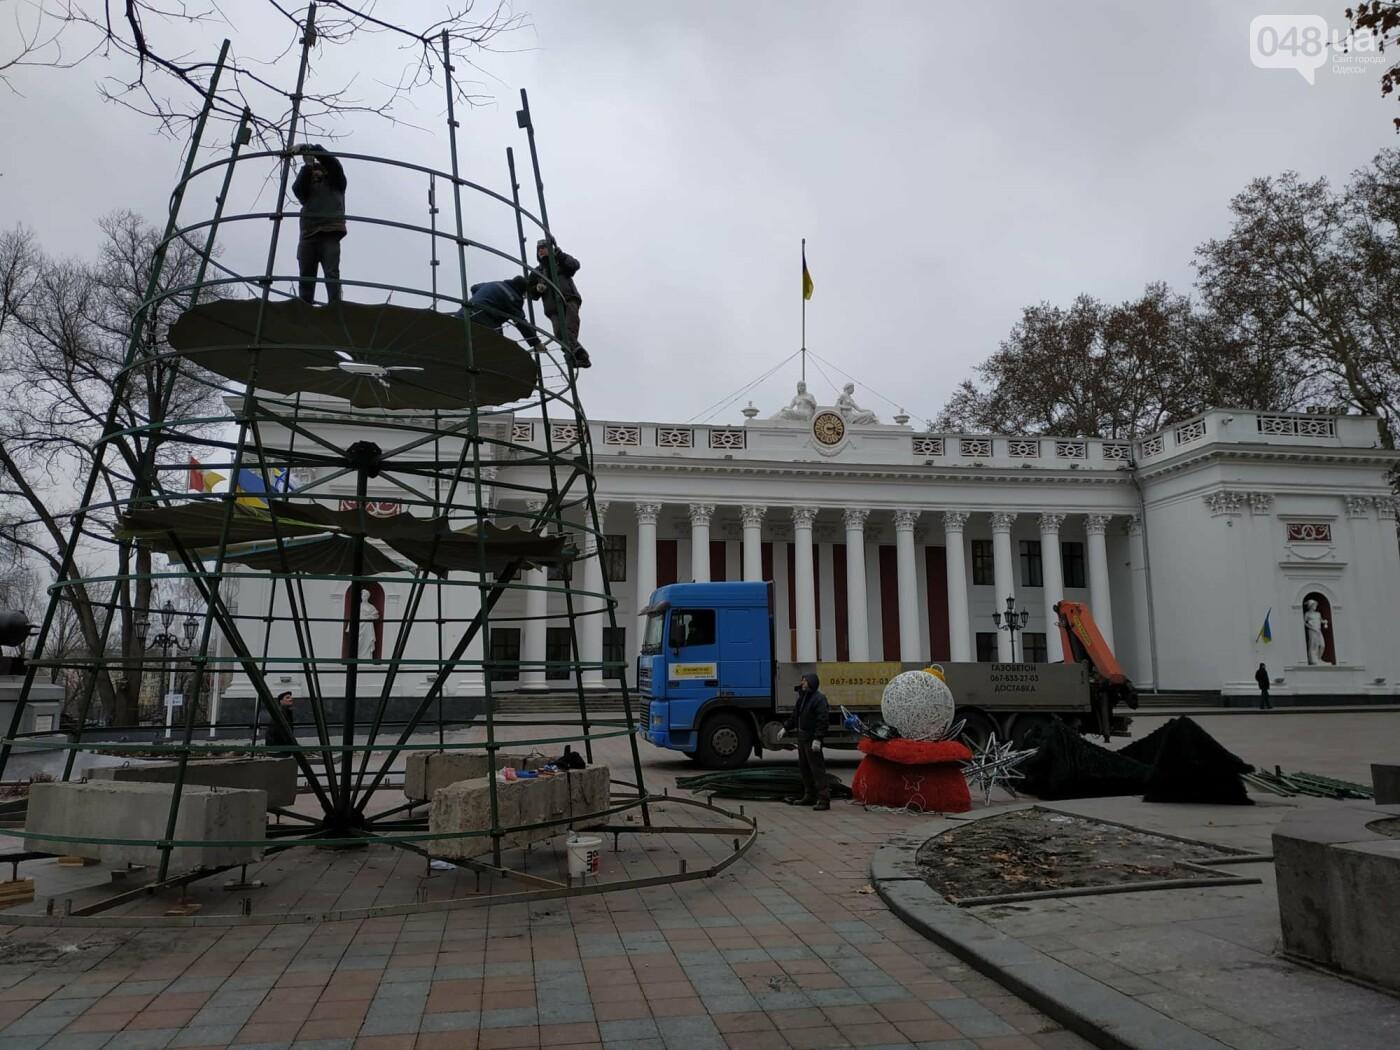 Праздники закончились: главную елку Одессы разбирают, - ФОТО, фото-9